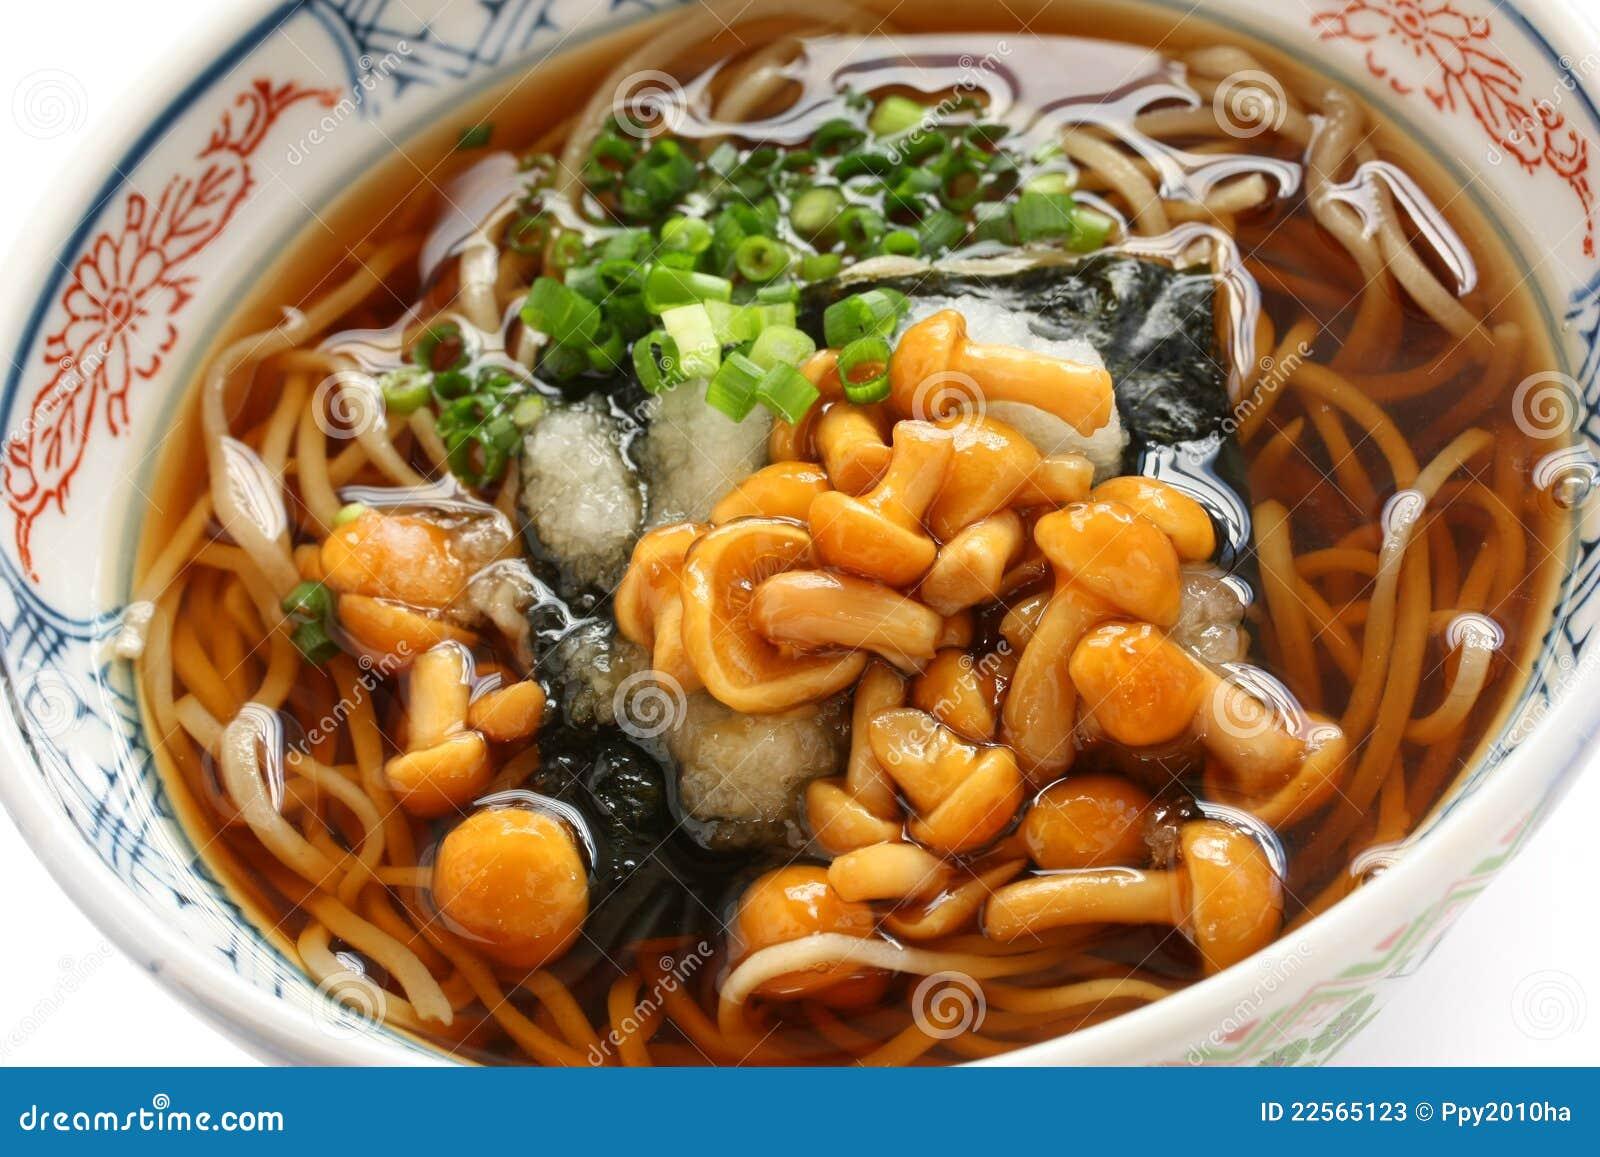 Soba de nameko cuisine japonaise de nouille de sarrasin for Cuisine japonaise